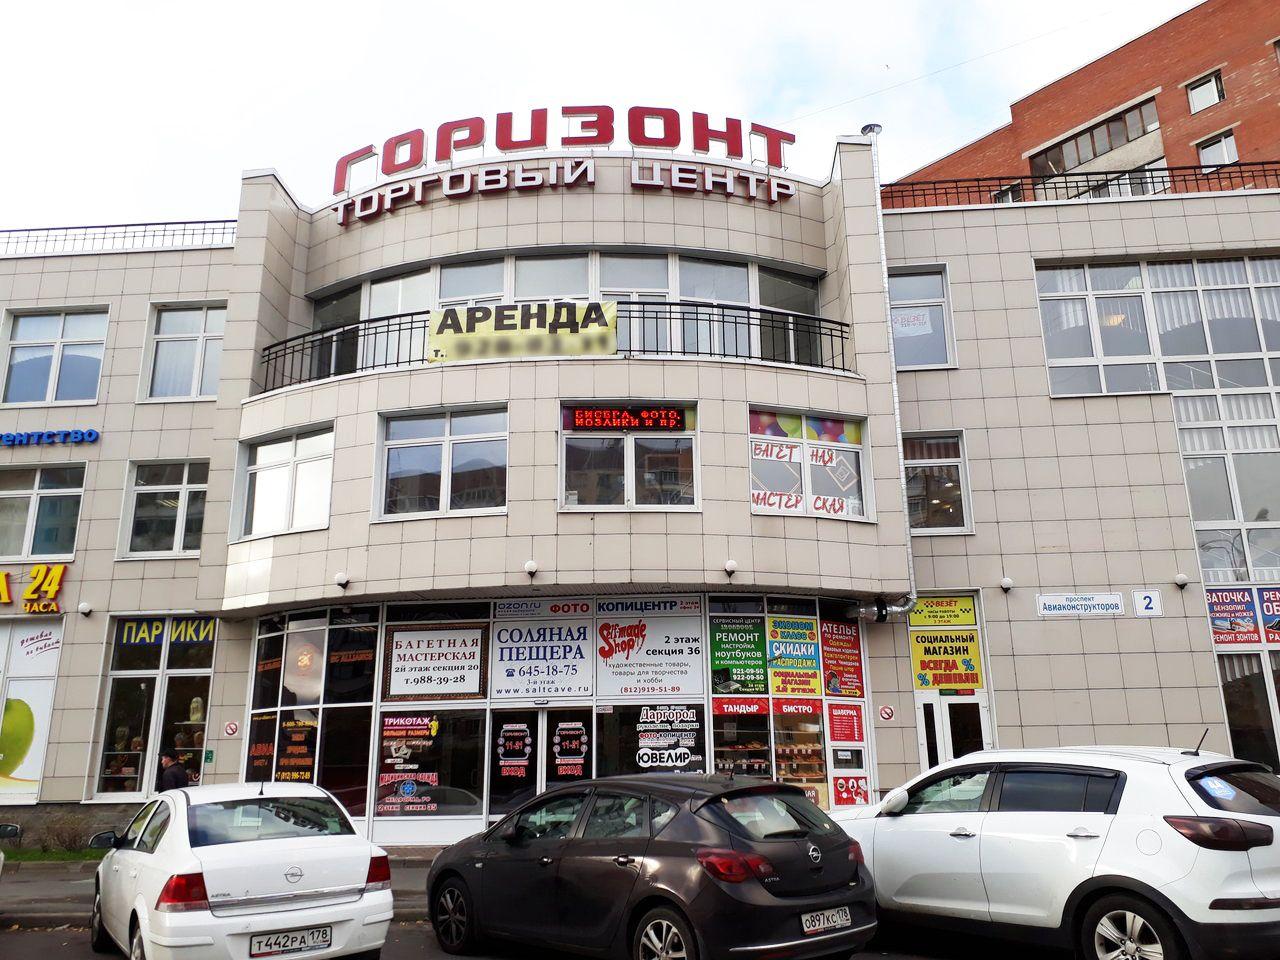 Торговом центре Горизонт на проспекте Авиаконструкторов, 2